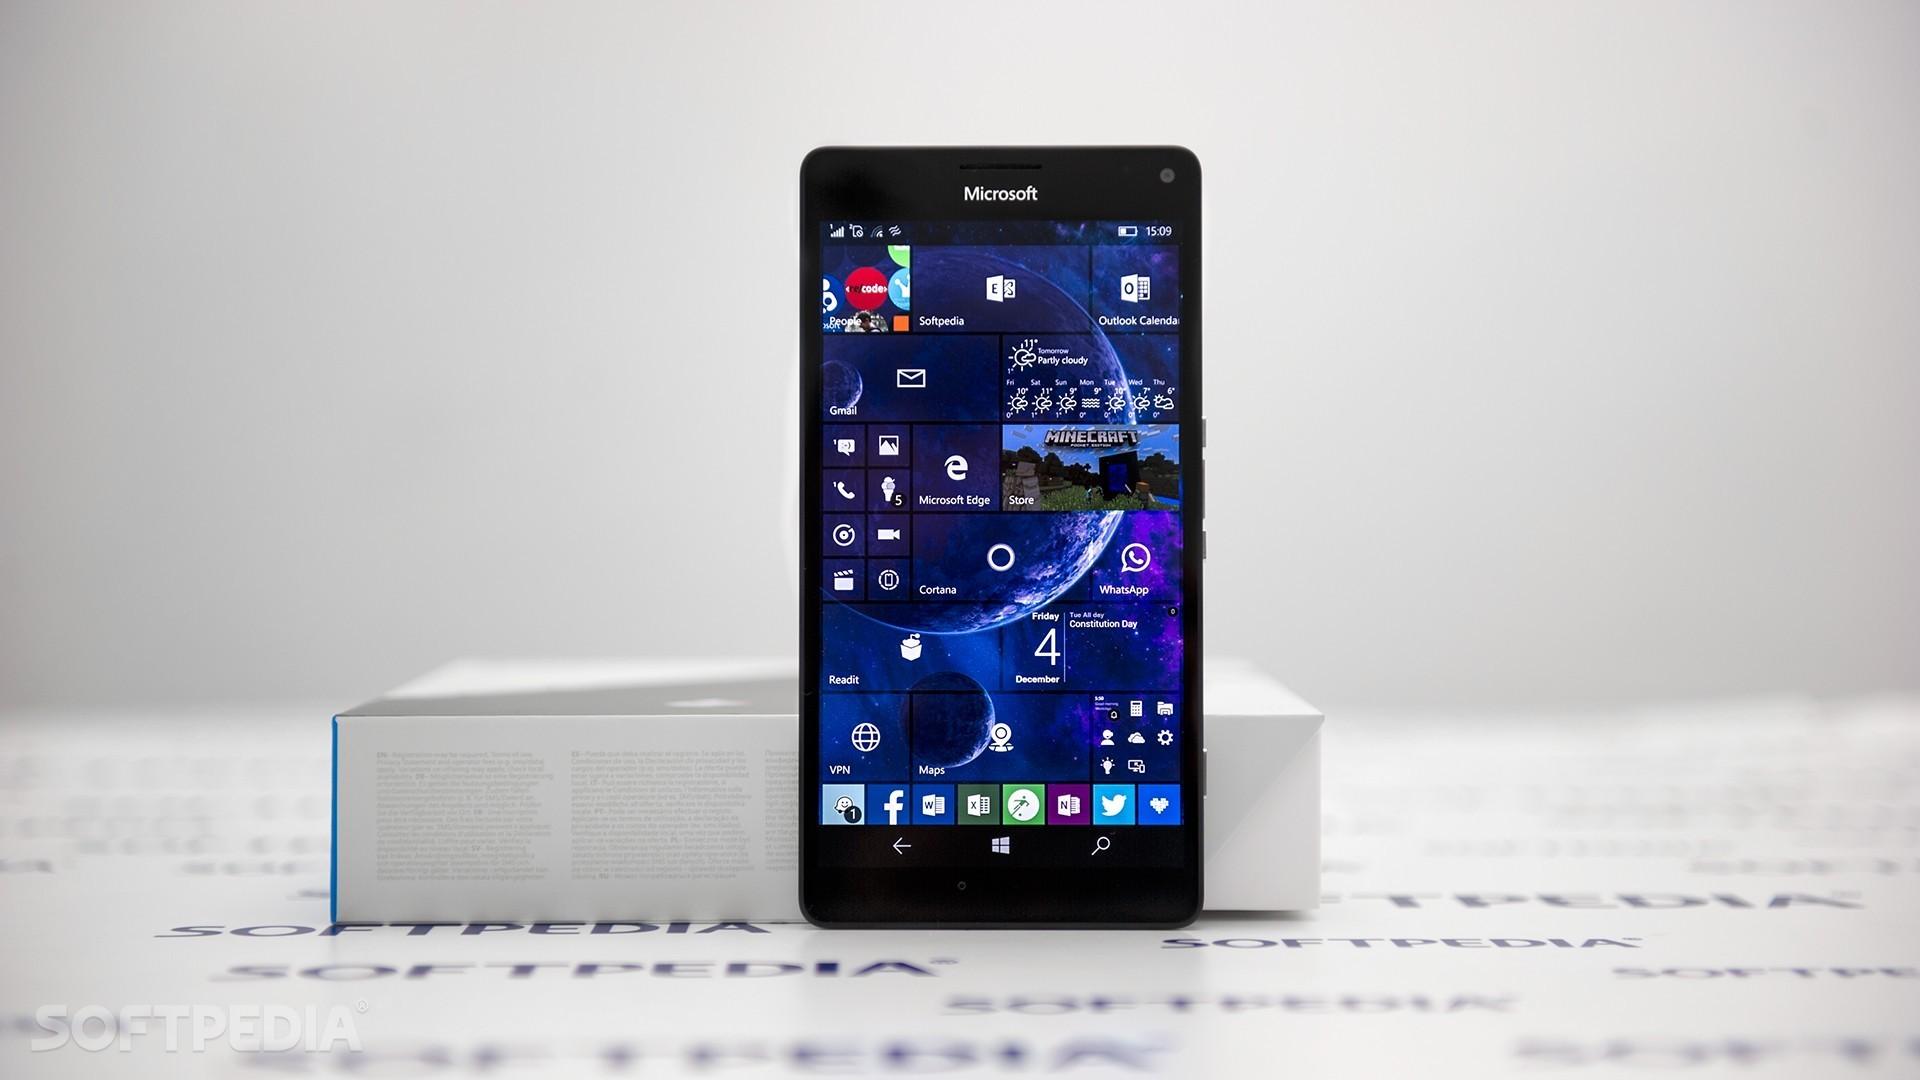 Ring Video Doorbell App Drops Support for Windows Phones